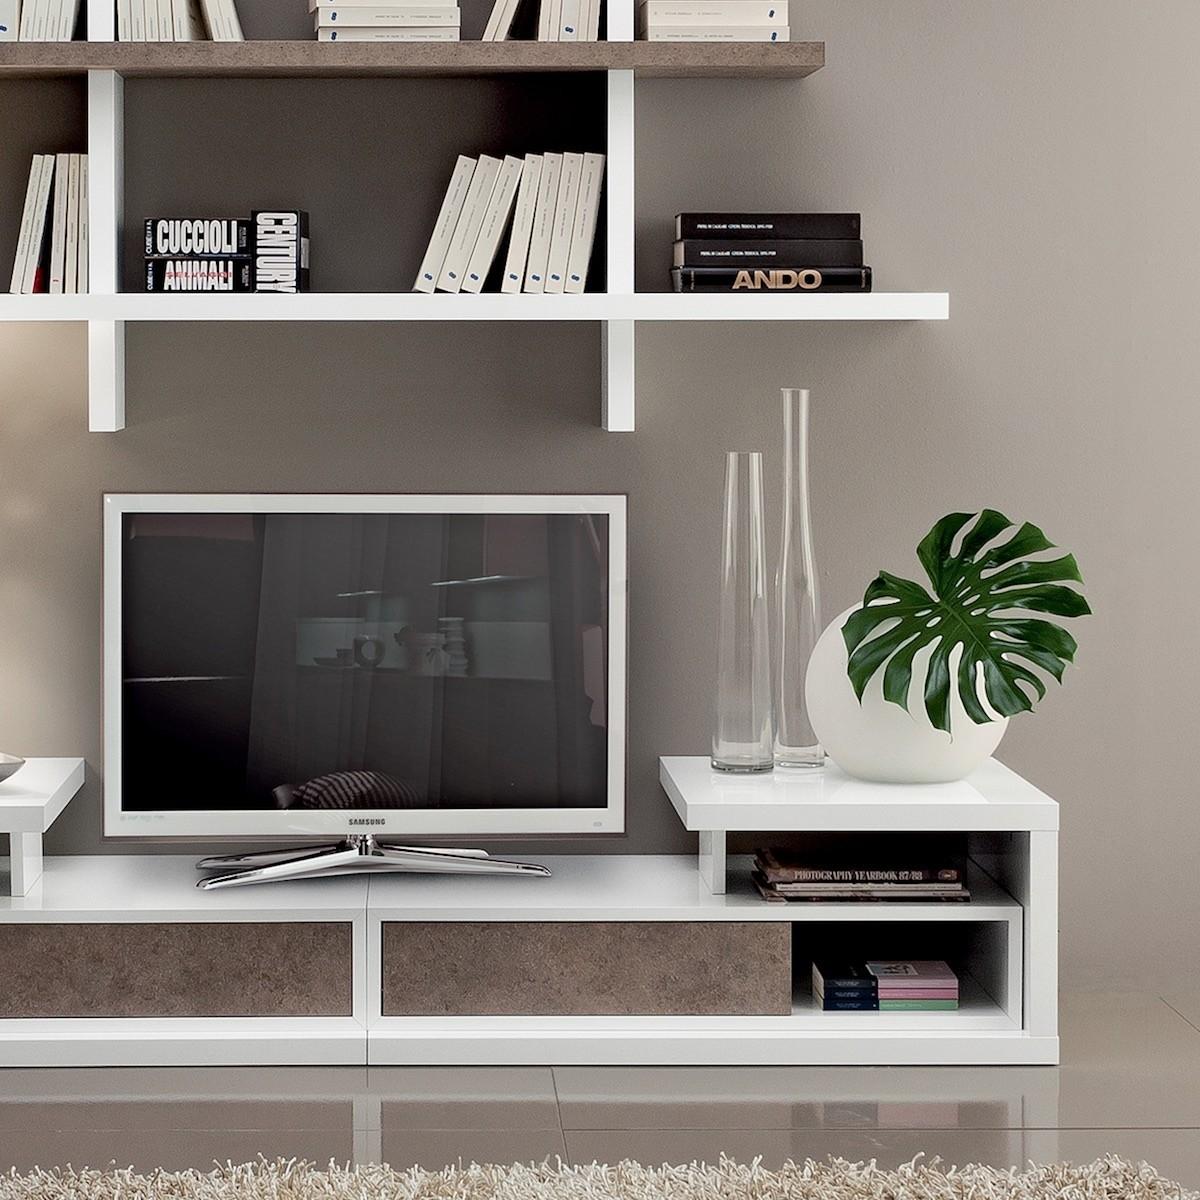 Mobile porta tv da terra con mensole garnette4 - Porta tv da terra ...